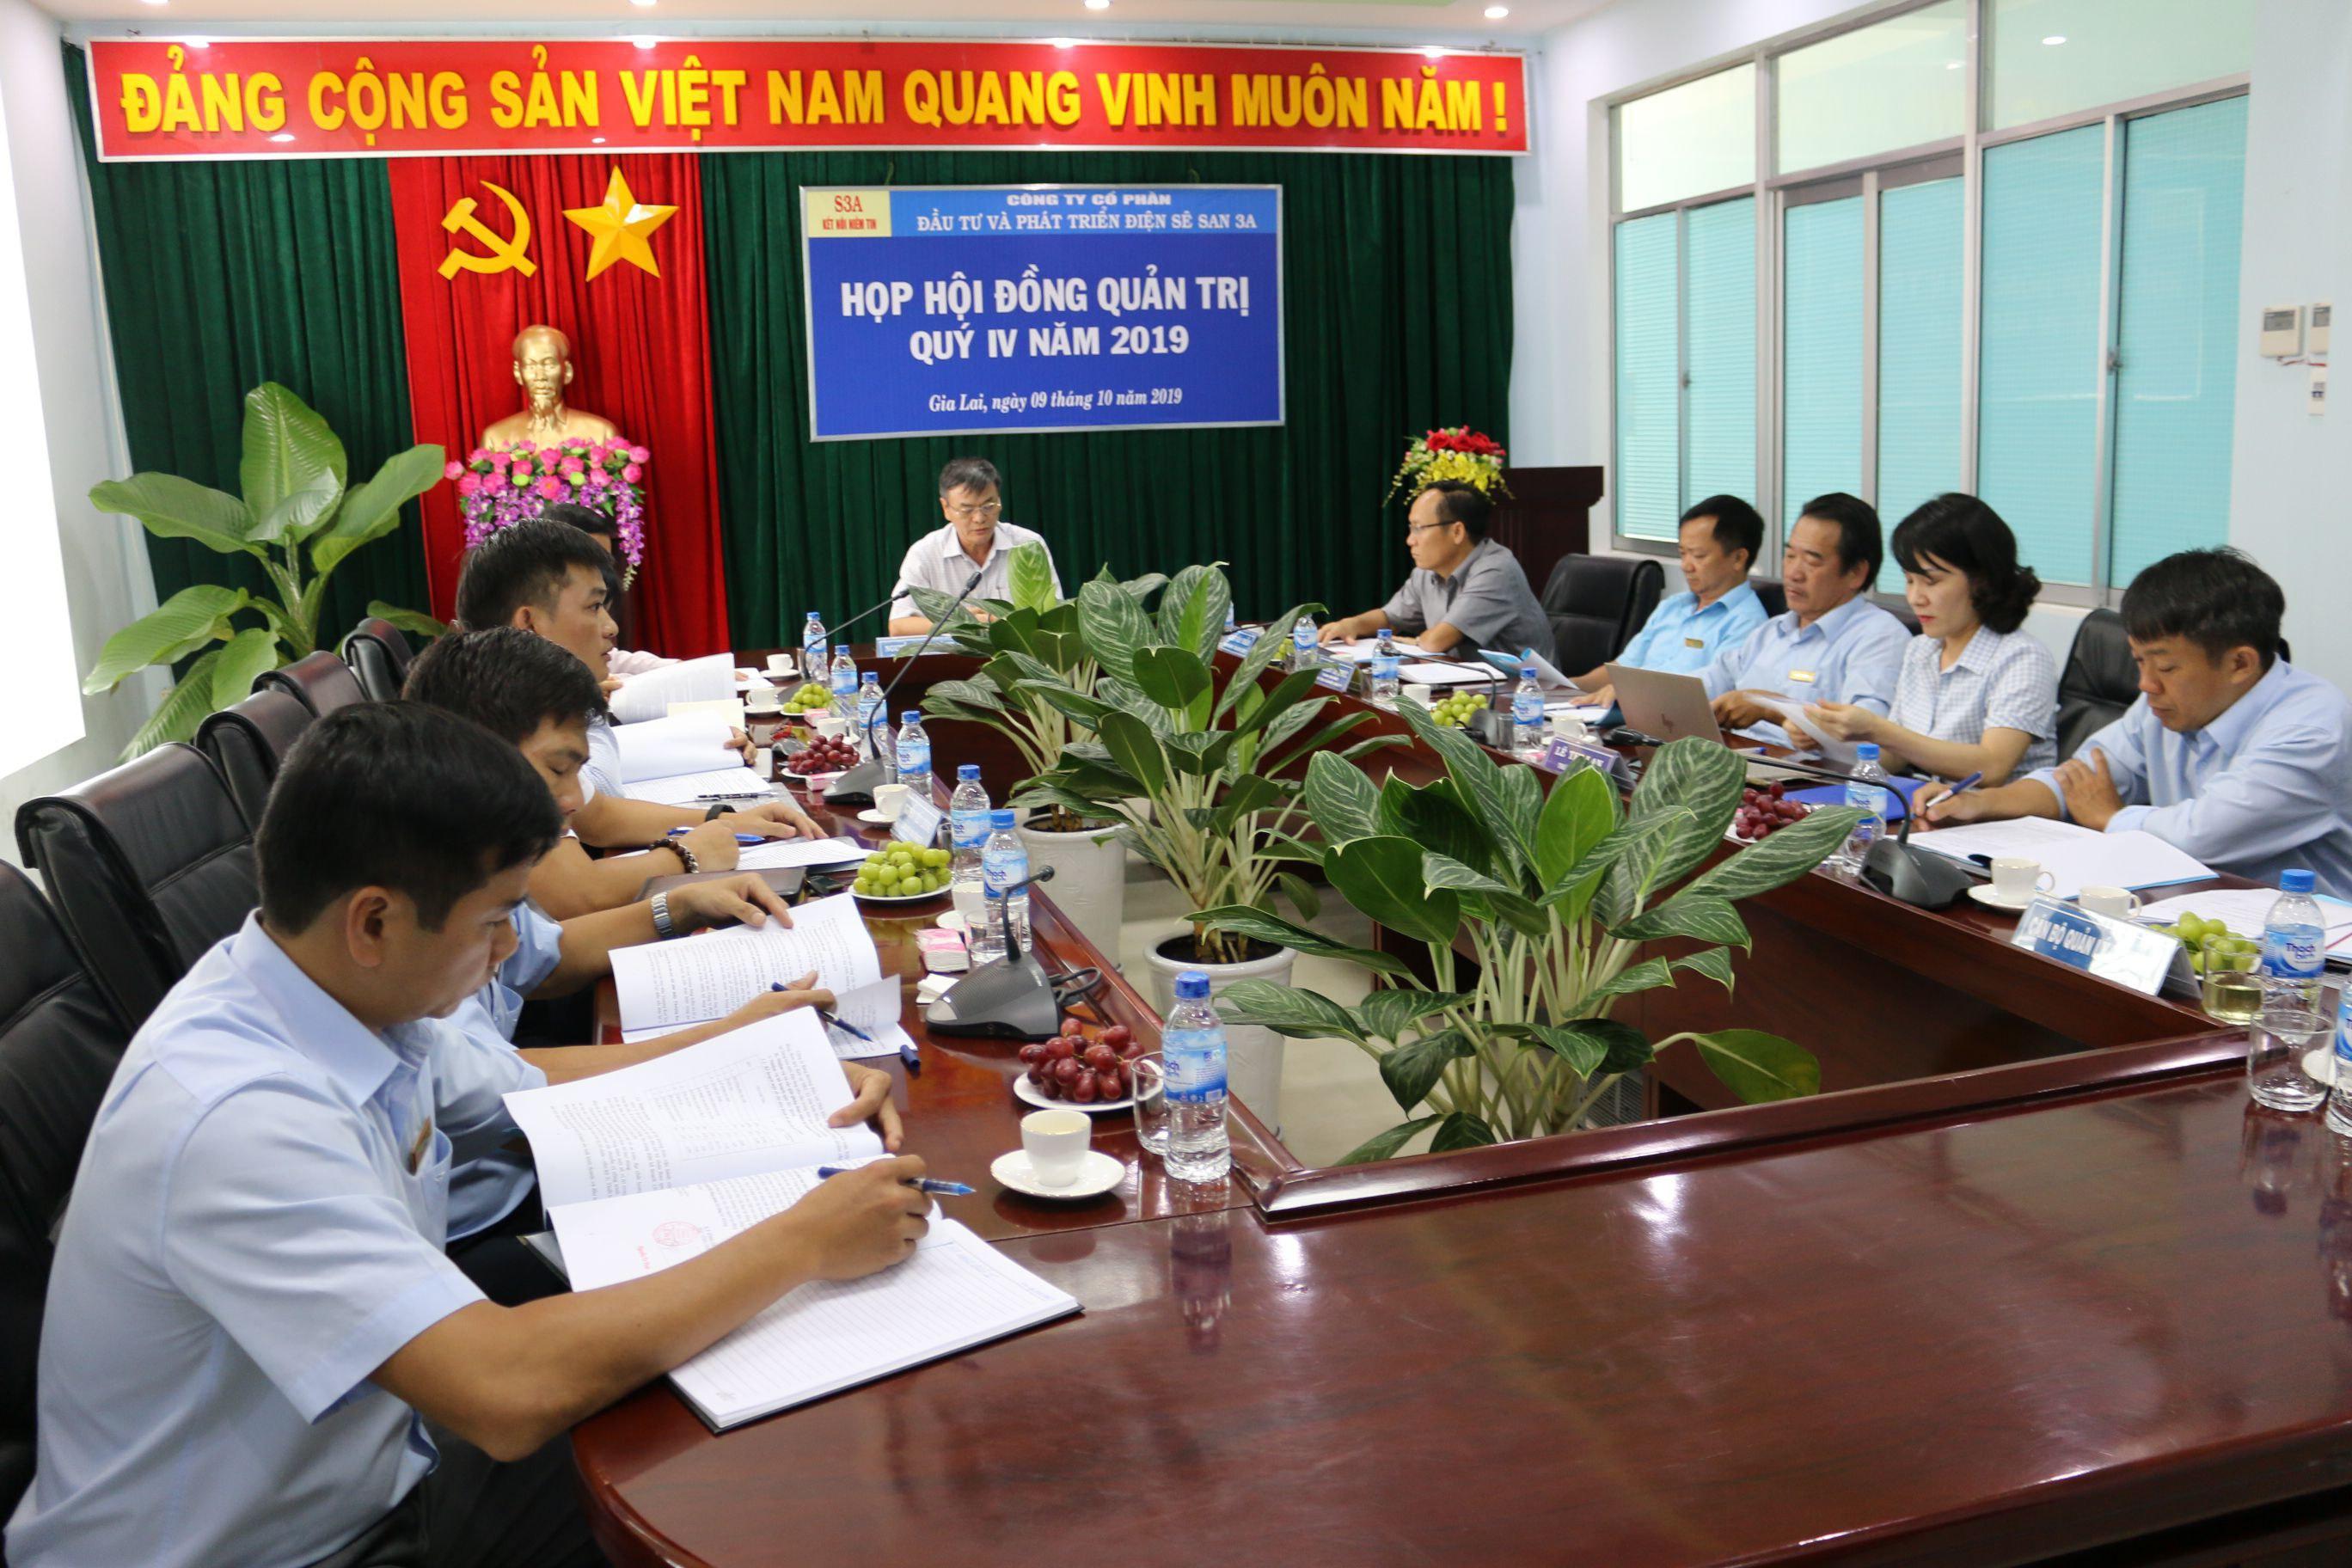 Sê San 3A hoàn thành kế hoạch 09 tháng đầu năm 2019